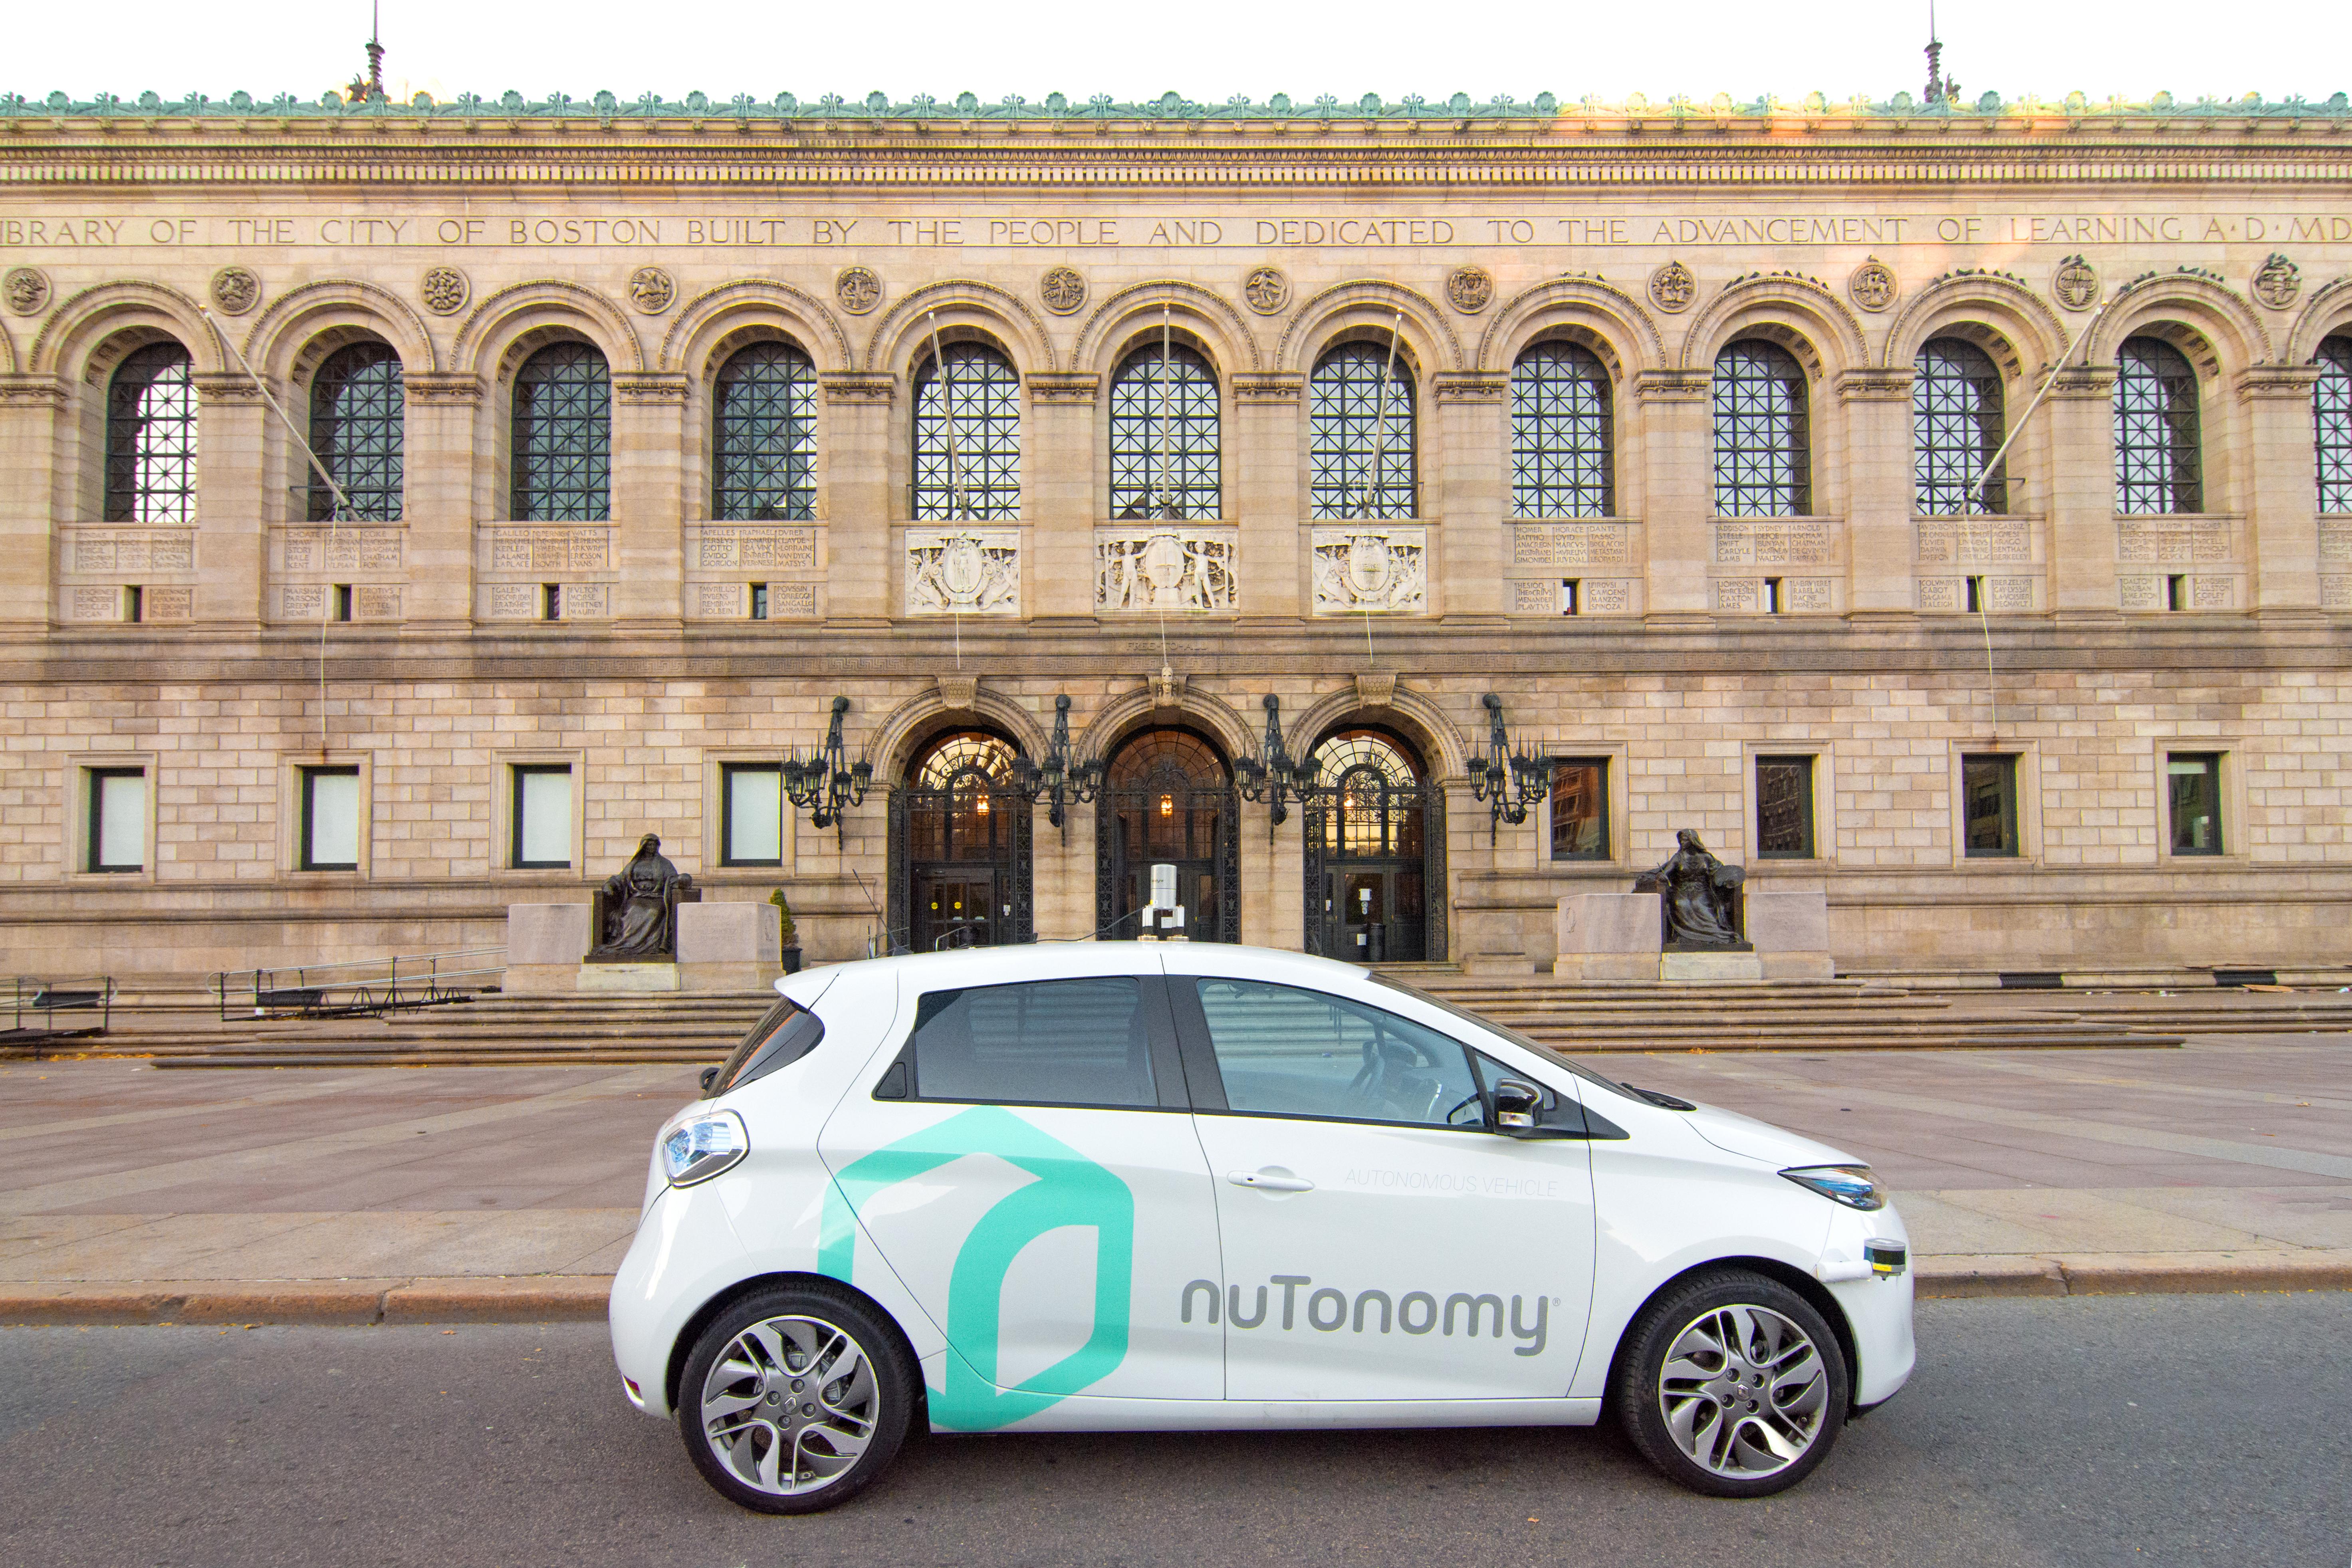 NuTonomy's car will roam the streets of Boston.